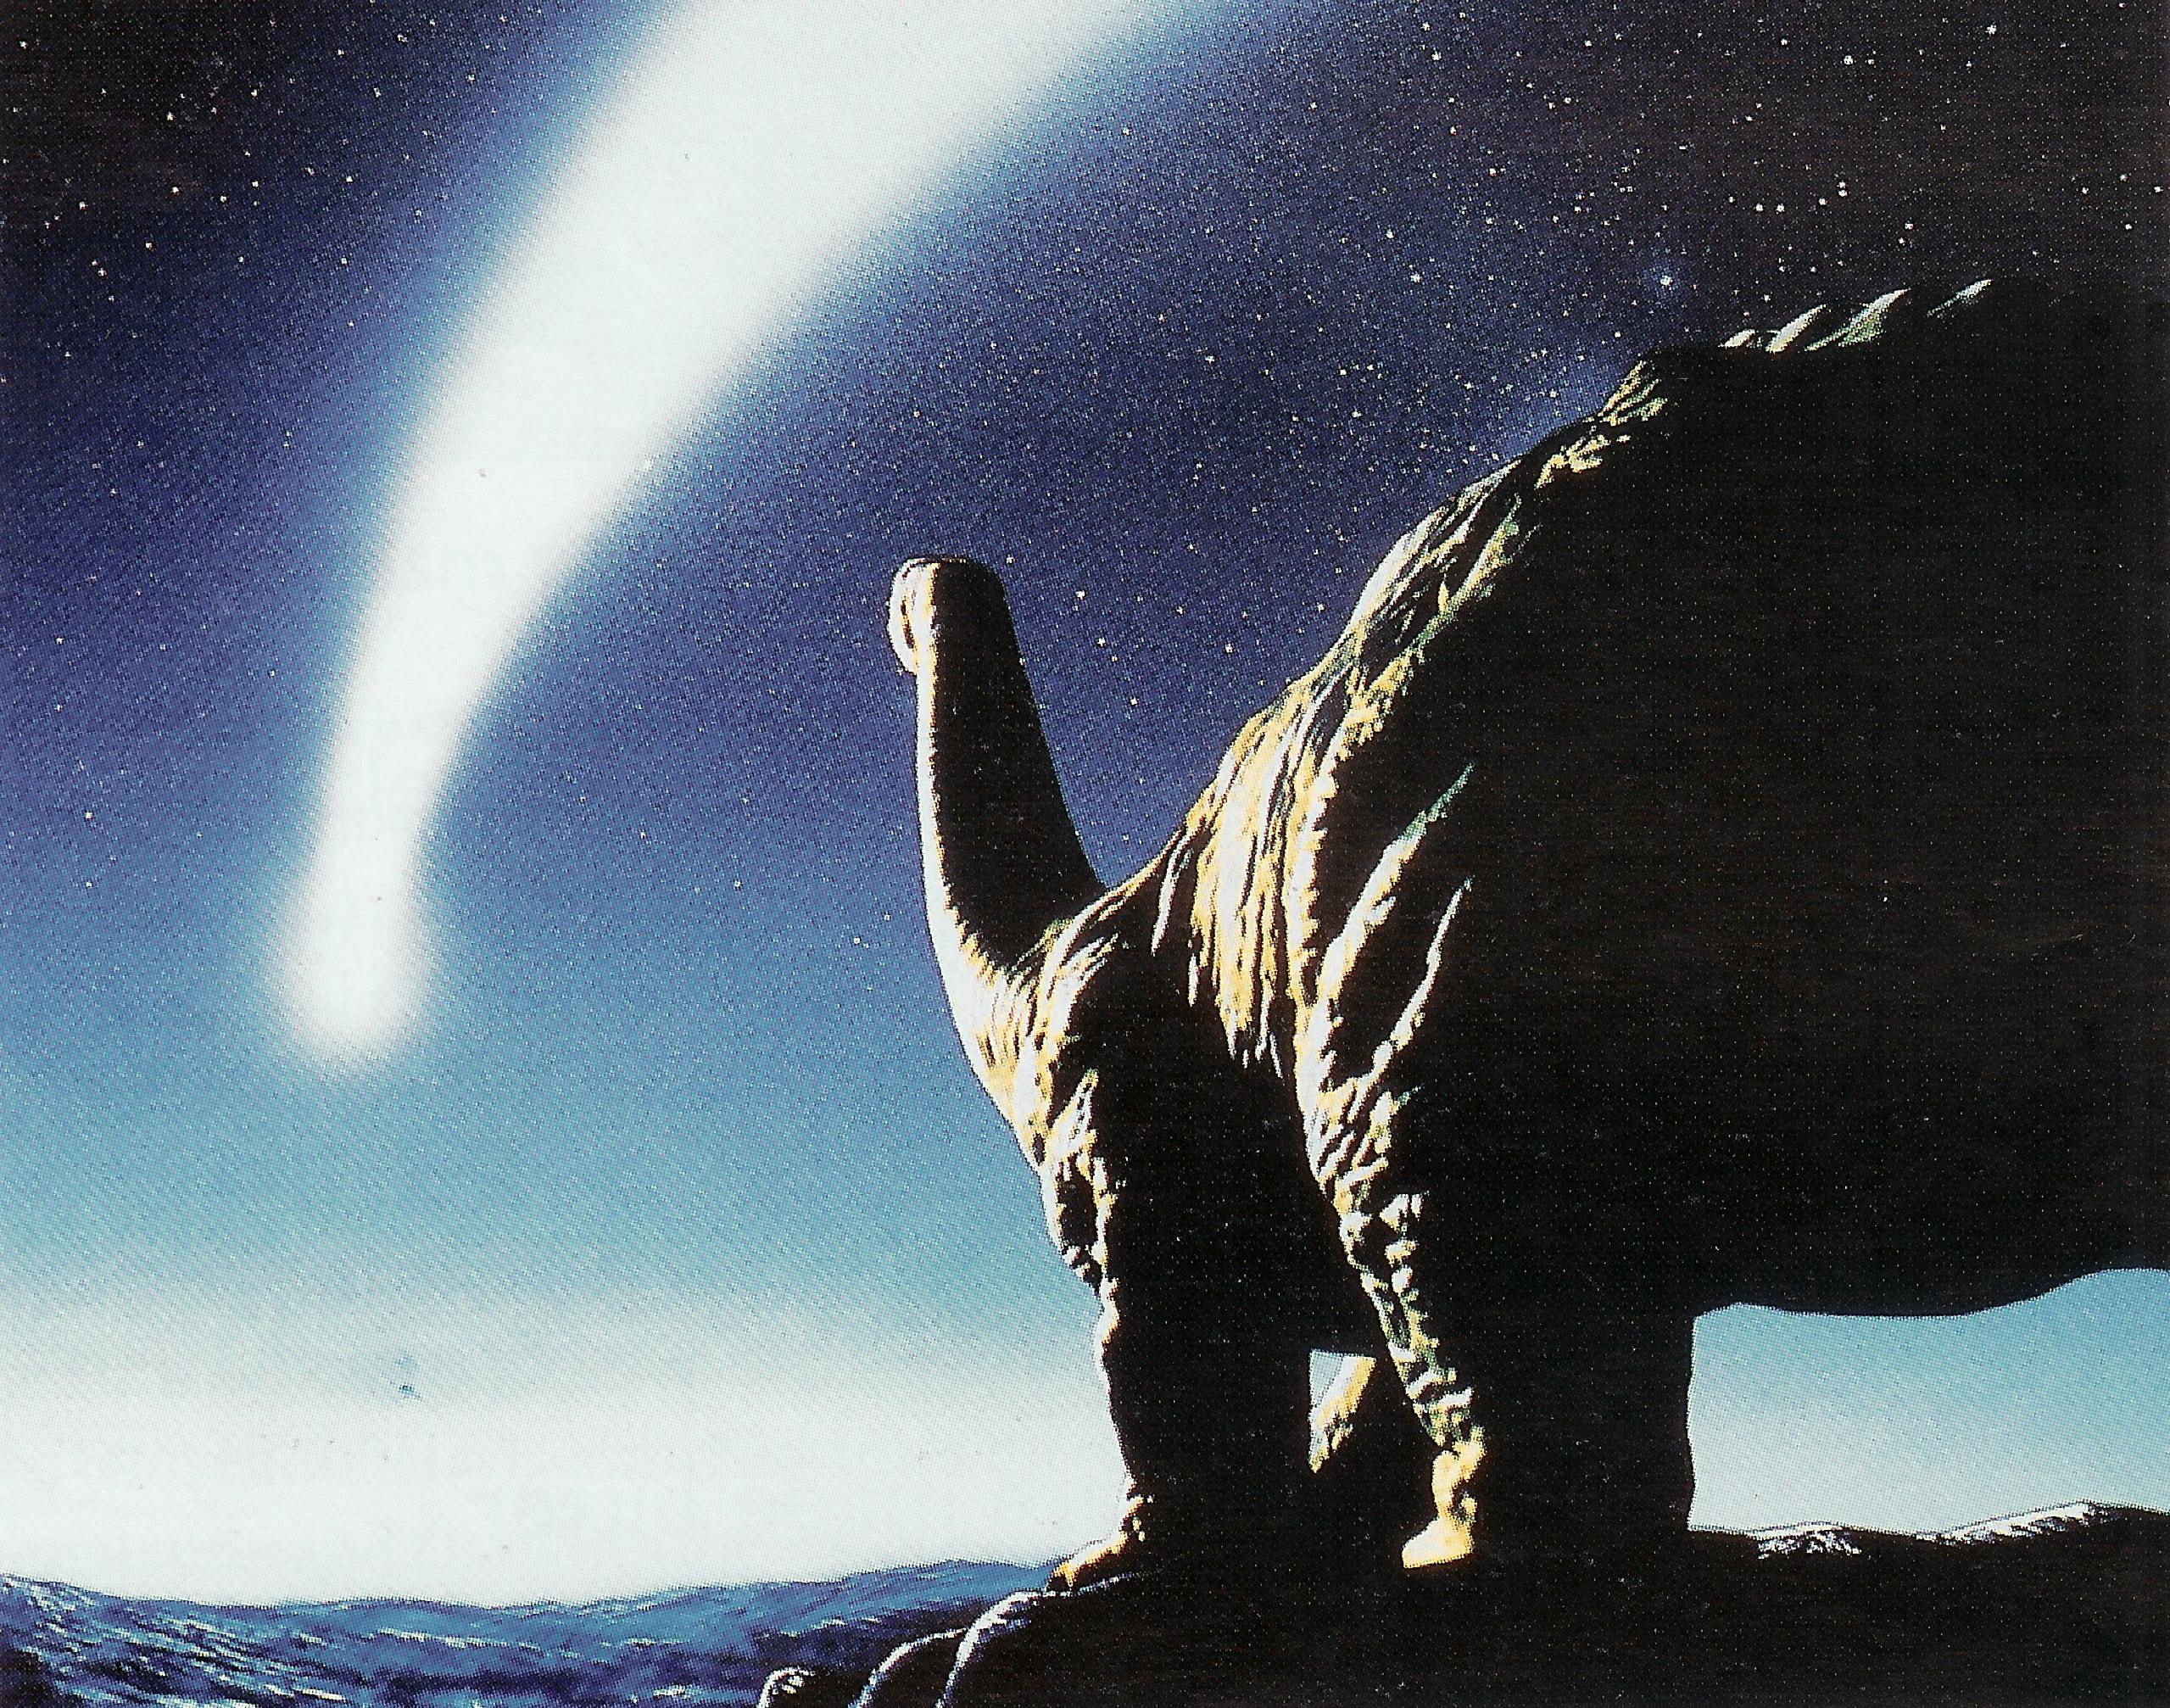 правило, динозавры и метеорит картинки нас